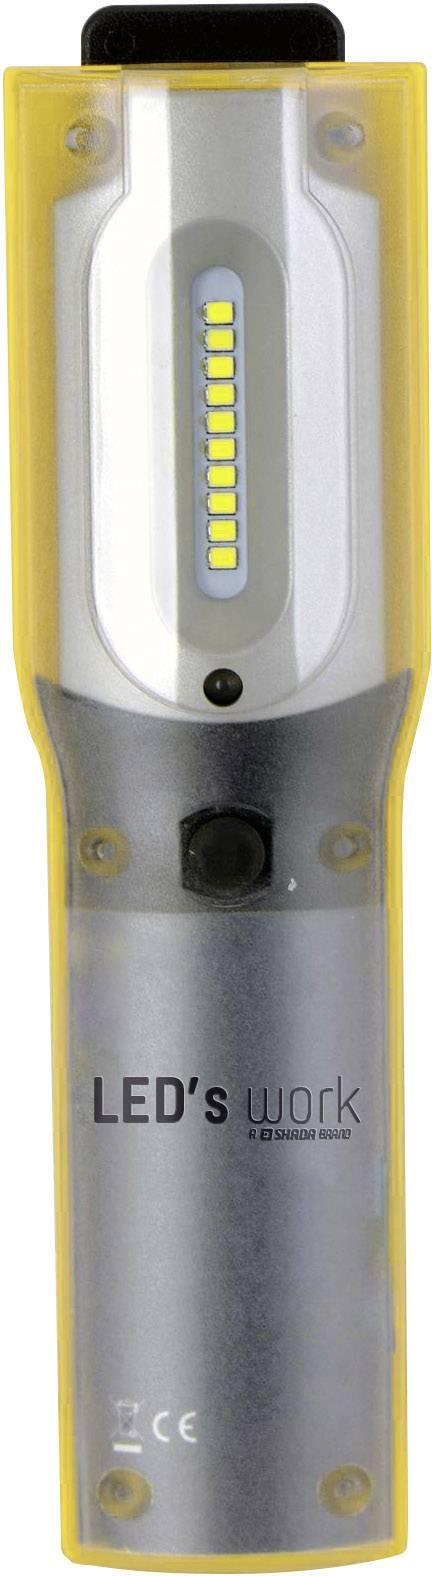 Lampada da lavoro LED a batteria ri